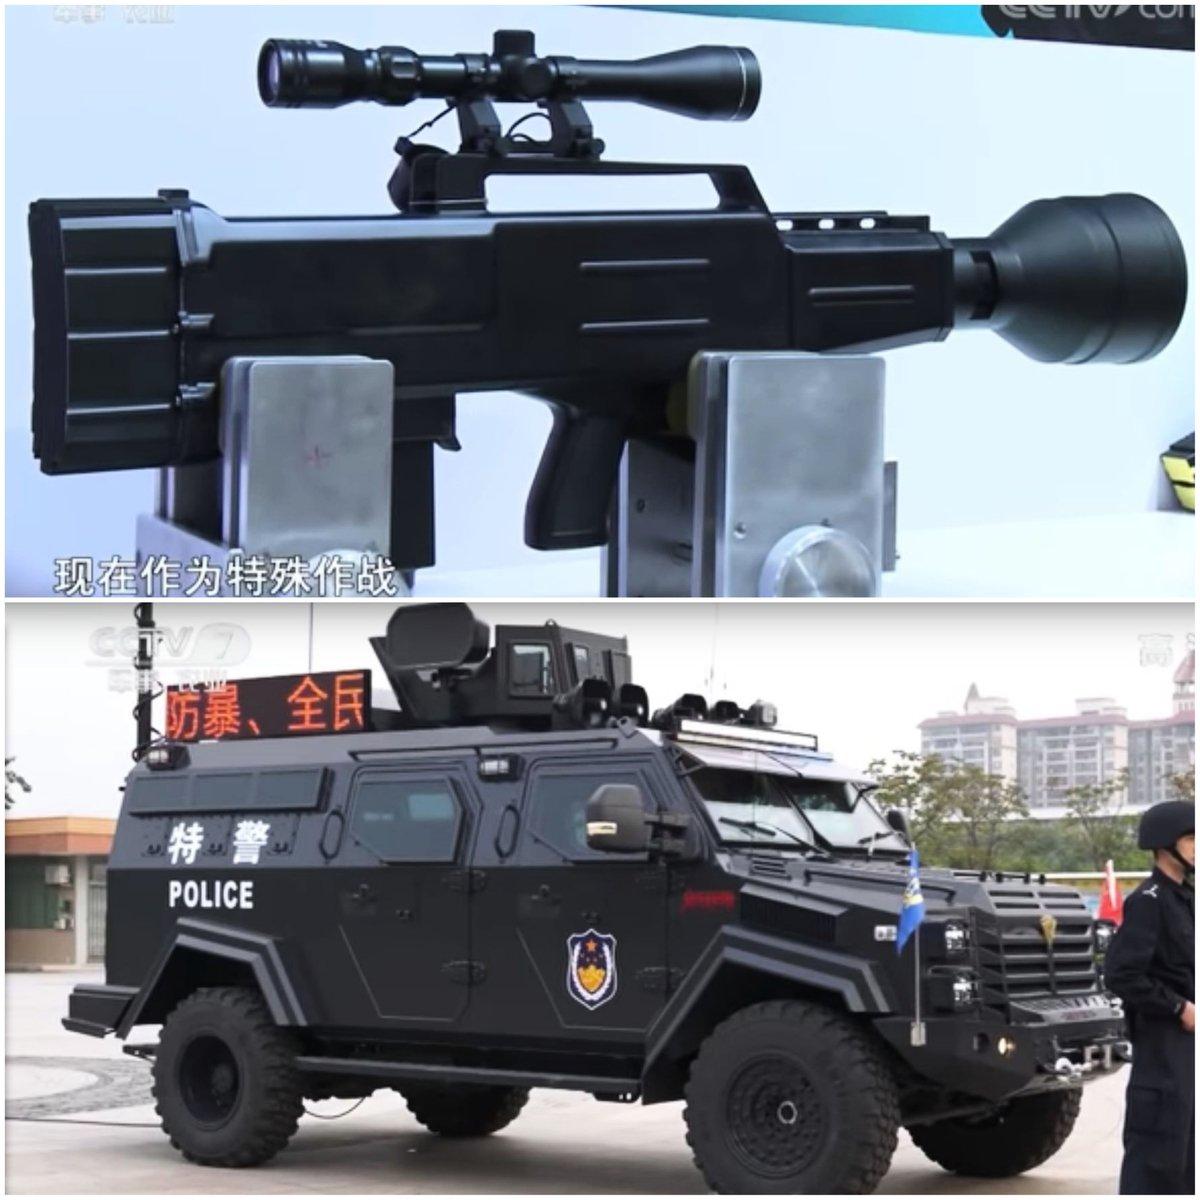 5月15日,由中共公安部主辦的第九屆中國國際警用裝備博覽會上,就有一款功能類似ZKZM-500的激光步槍。此外,還有一款名為「清道虎」的裝甲防暴車,是「維穩」重型裝備。(視像擷圖)